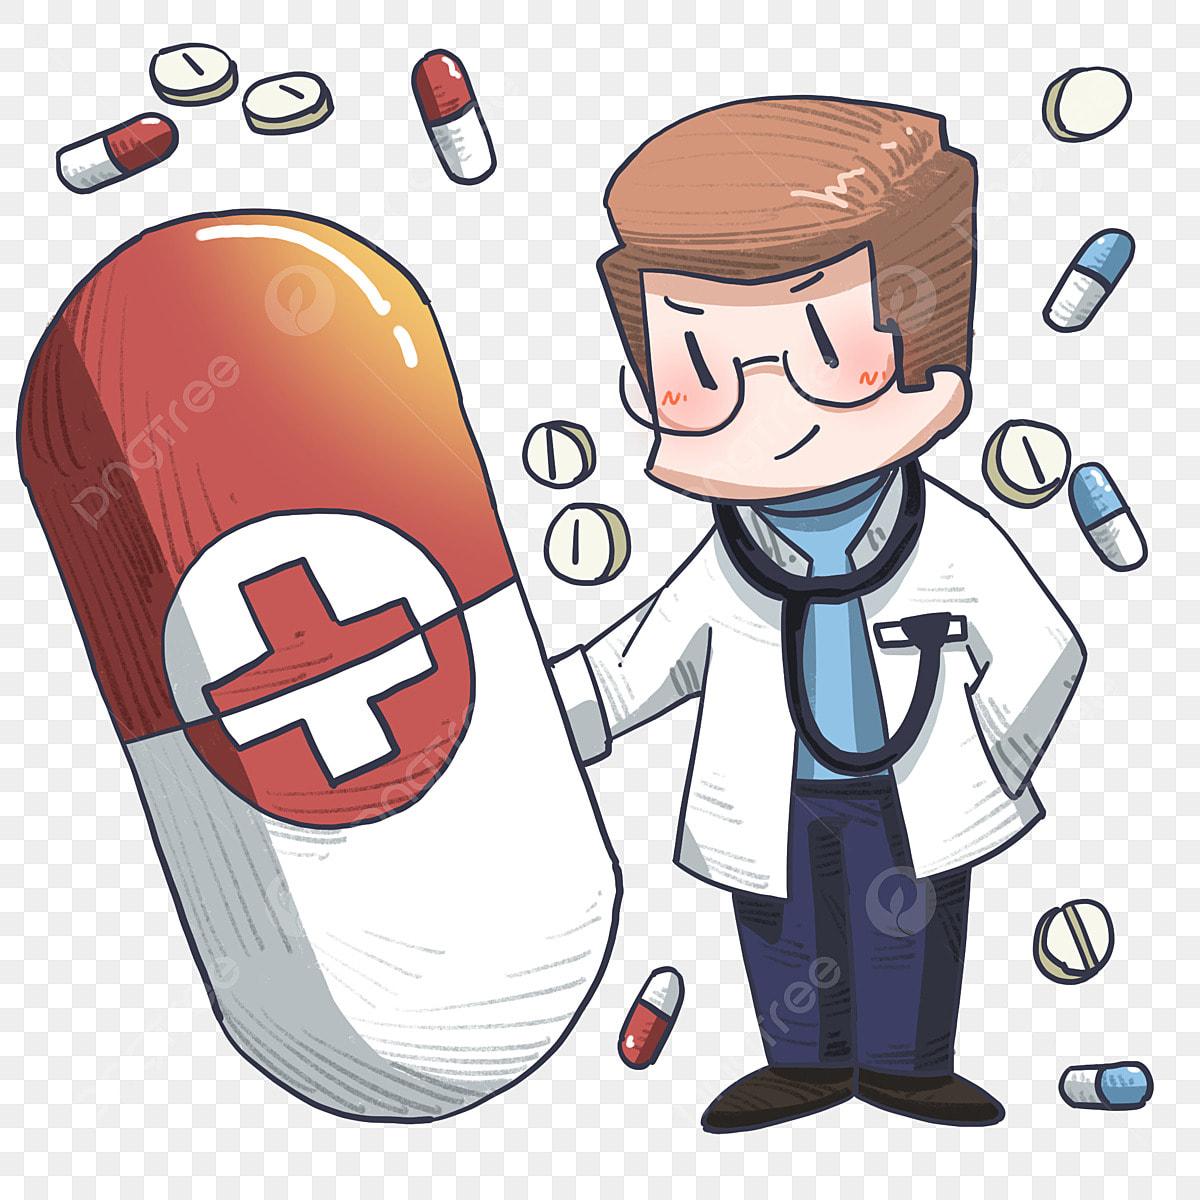 Gambar Ilustrasi Tangan Yang Diambil Ilustrasi Pil Merah Doktor Kartun Memutarkan Pil Stetoskop Pakaian Putih Doktor Png Dan Psd Untuk Muat Turun Percuma